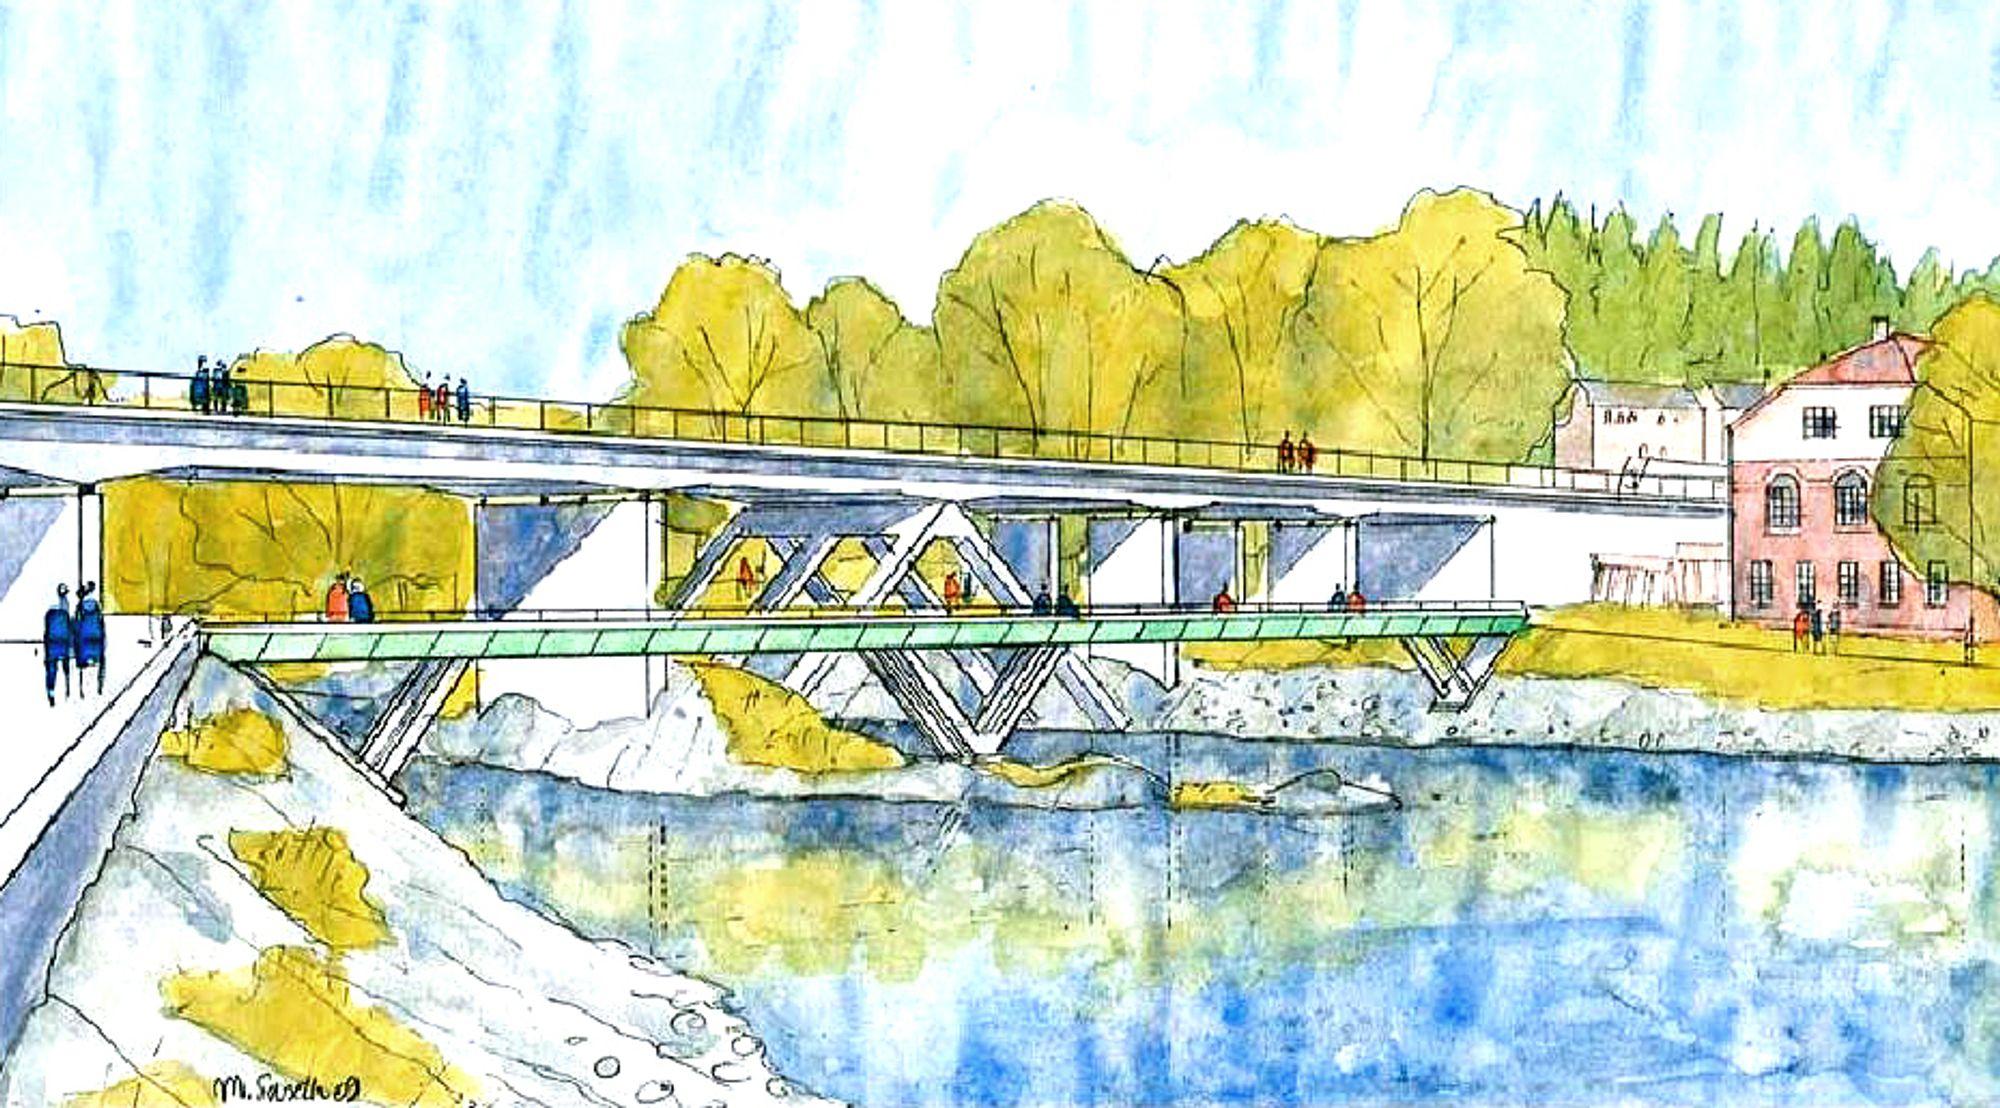 Den største brua, som krysser hovedløpet i Begna like nedenfor Hønefossen, blir 55 meter lang.